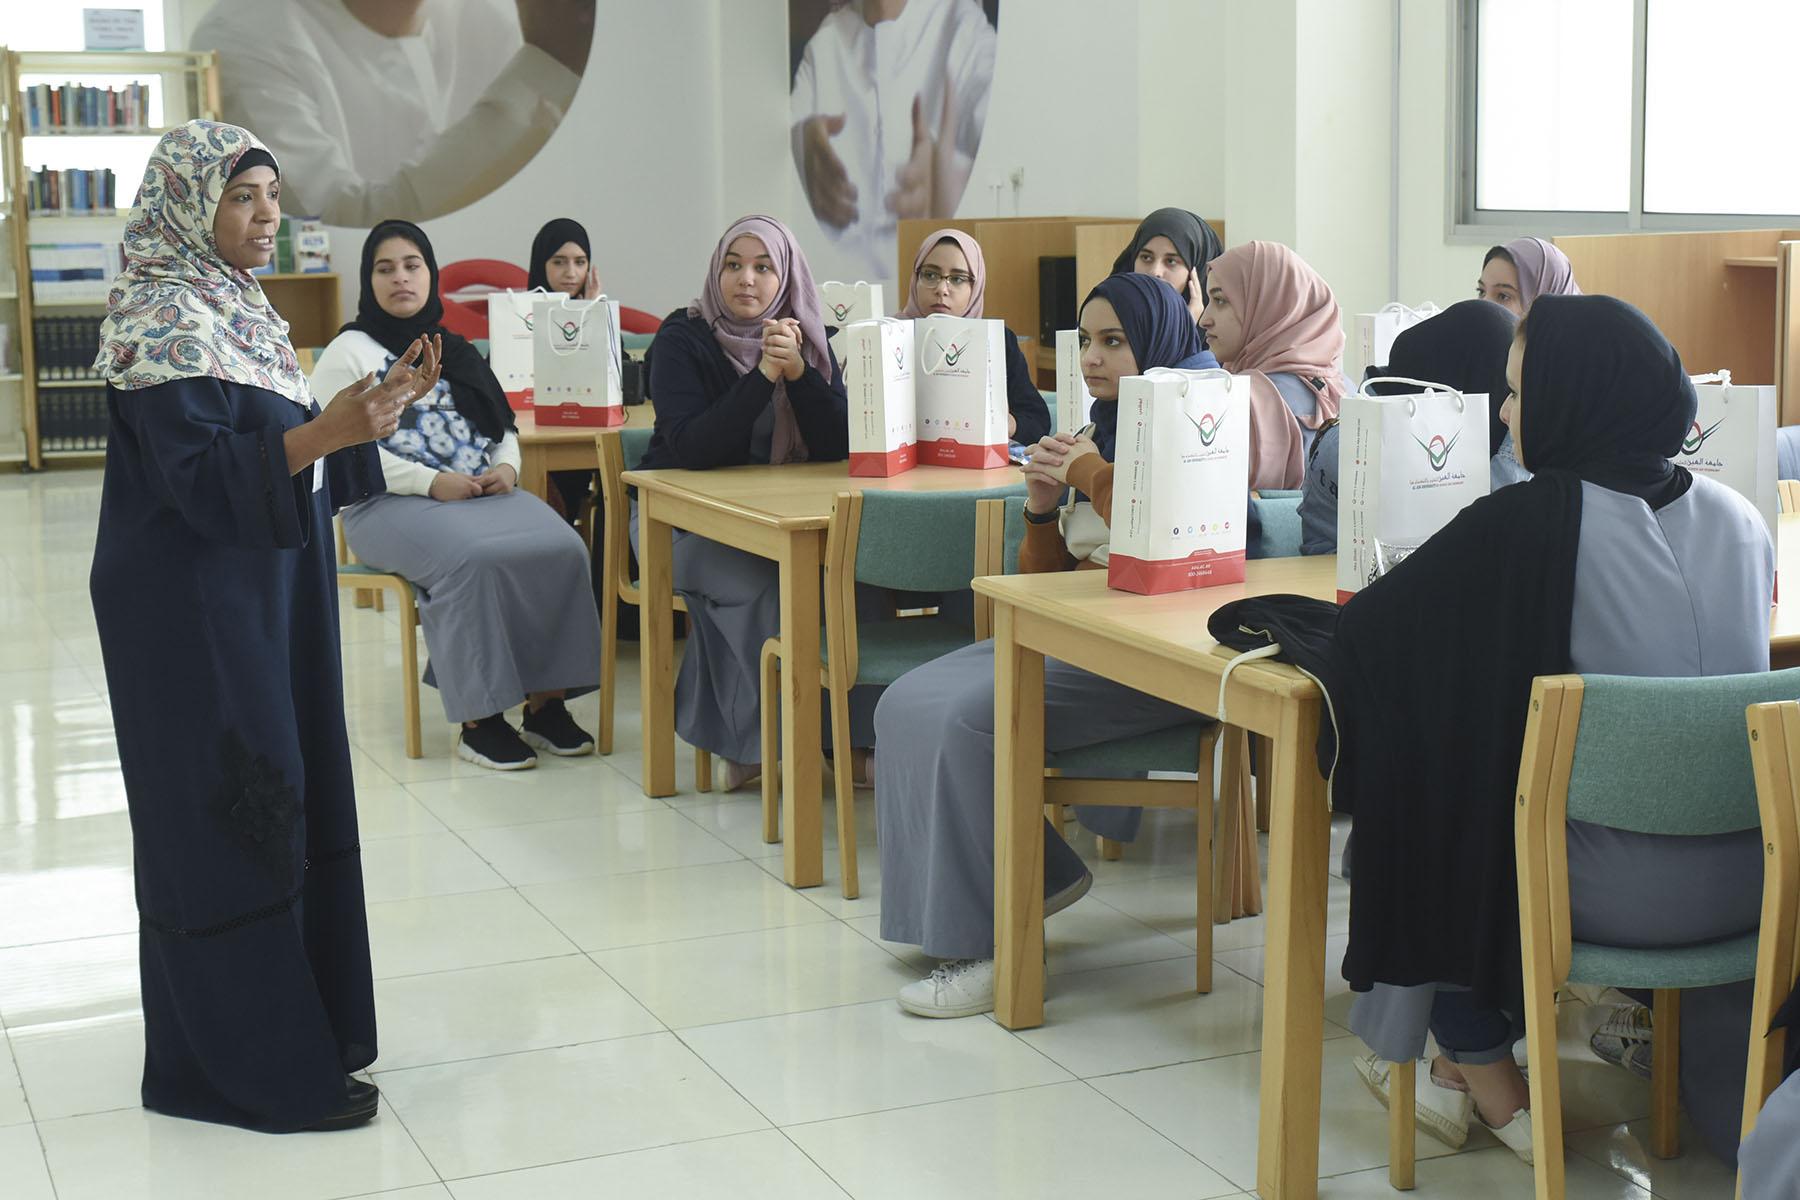 اليوم الرابع (الإمارات الخاصة ضد مدرسة وروضة اليحر الخاصة)